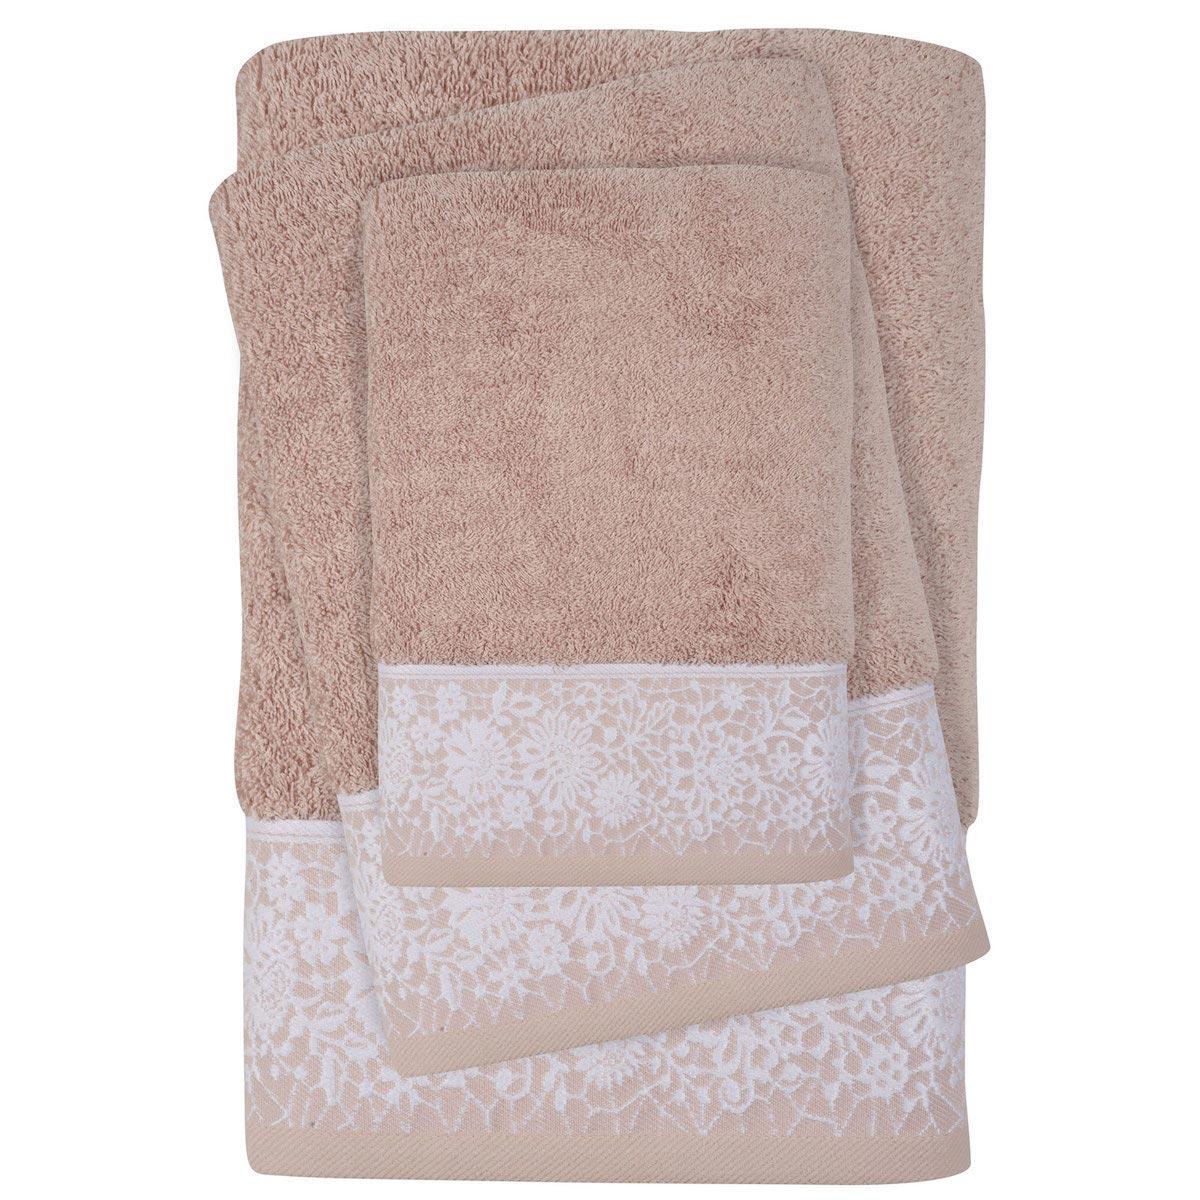 Πετσέτες Μπάνιου (Σετ 3τμχ) Das Home Daily Line 0435 Nude